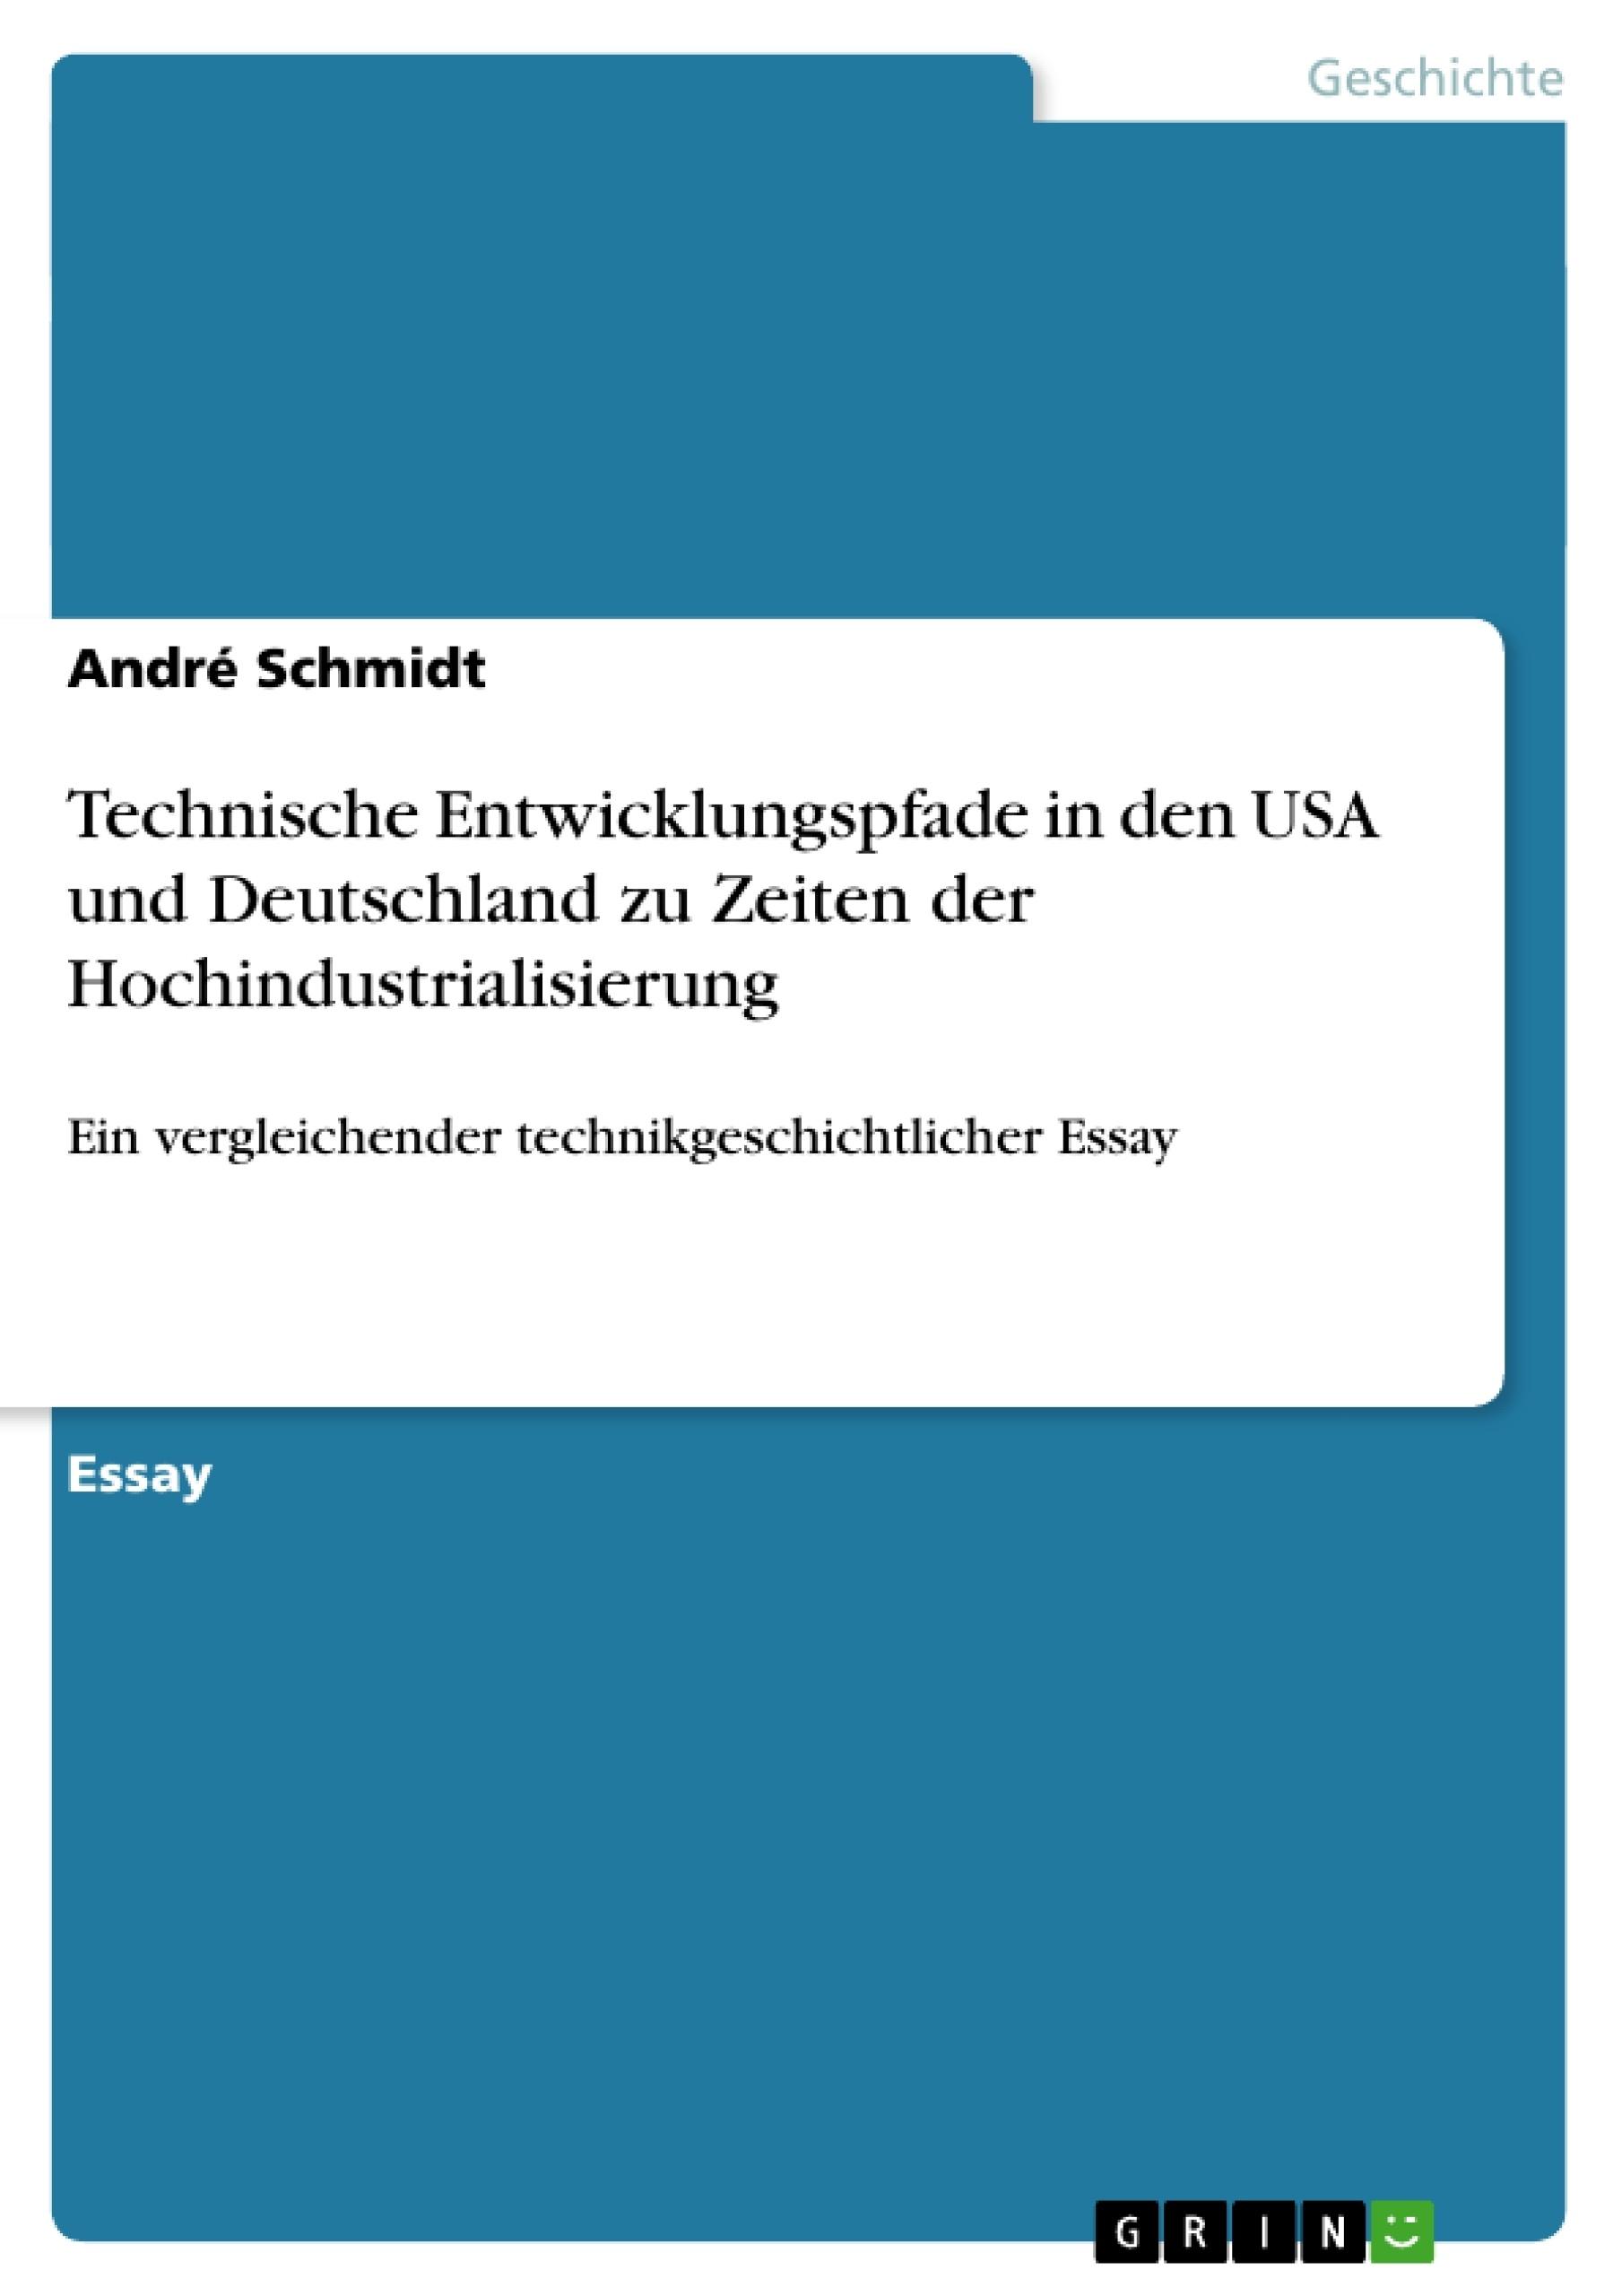 Titel: Technische Entwicklungspfade in den USA und Deutschland zu Zeiten der Hochindustrialisierung